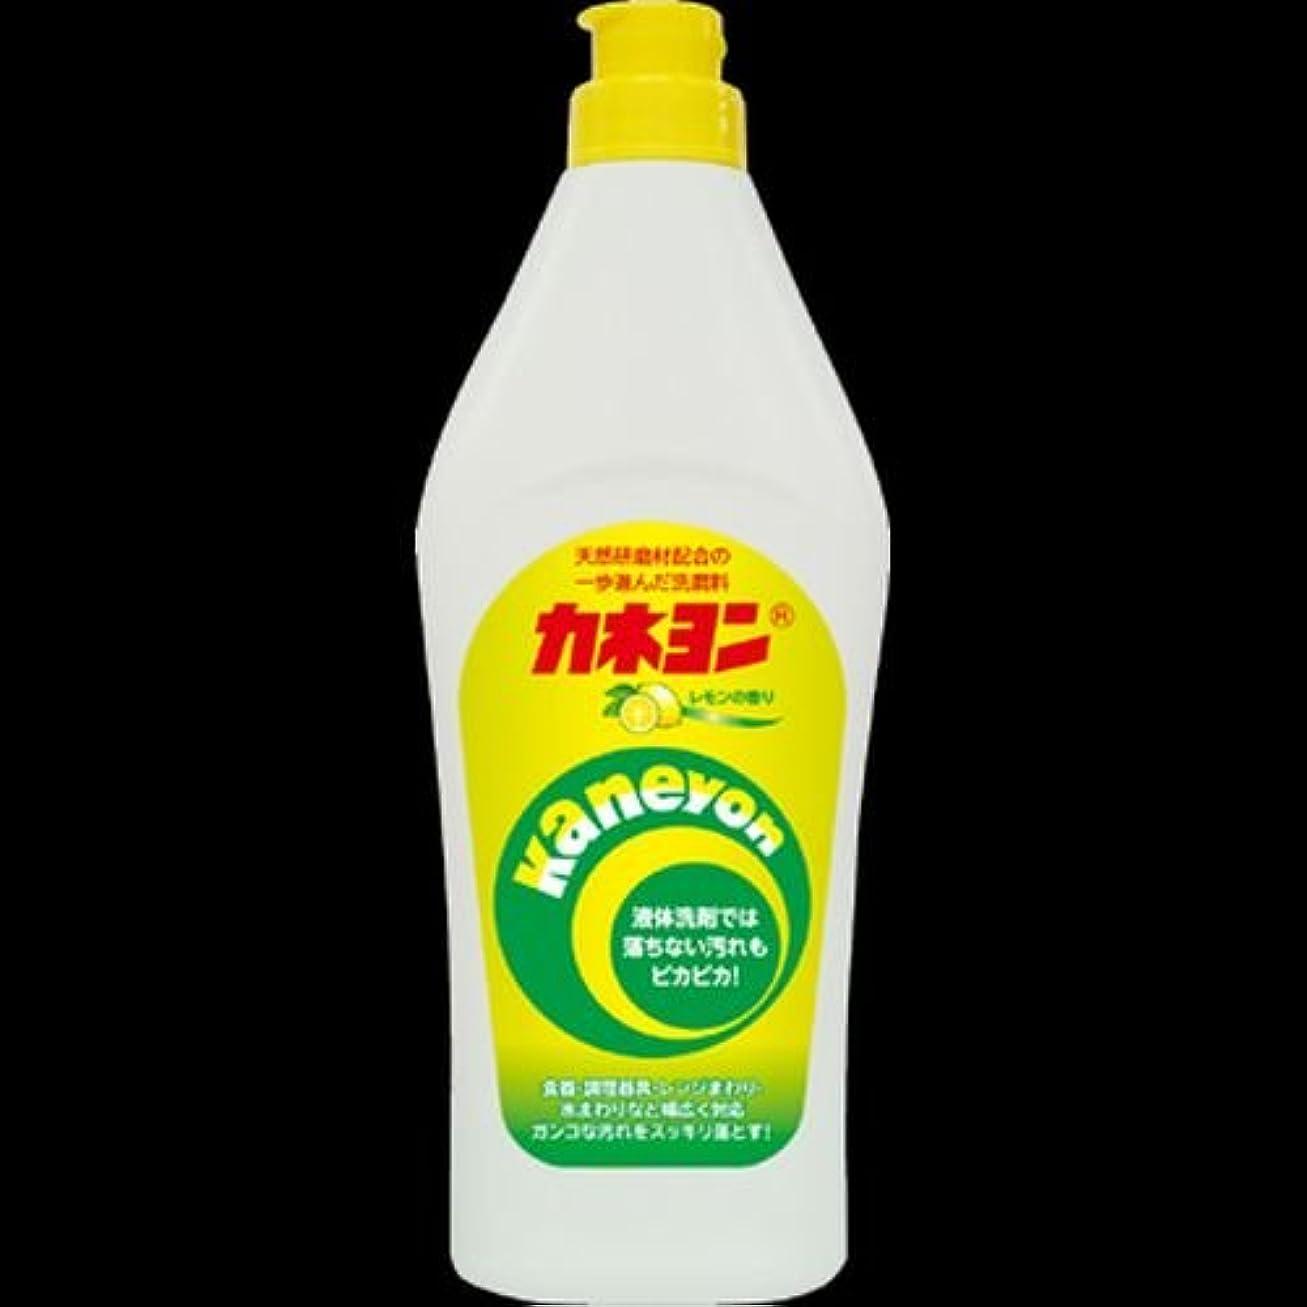 容赦ない気まぐれな毛細血管【まとめ買い】カネヨ石鹸 カネヨンレモン 550g ×2セット